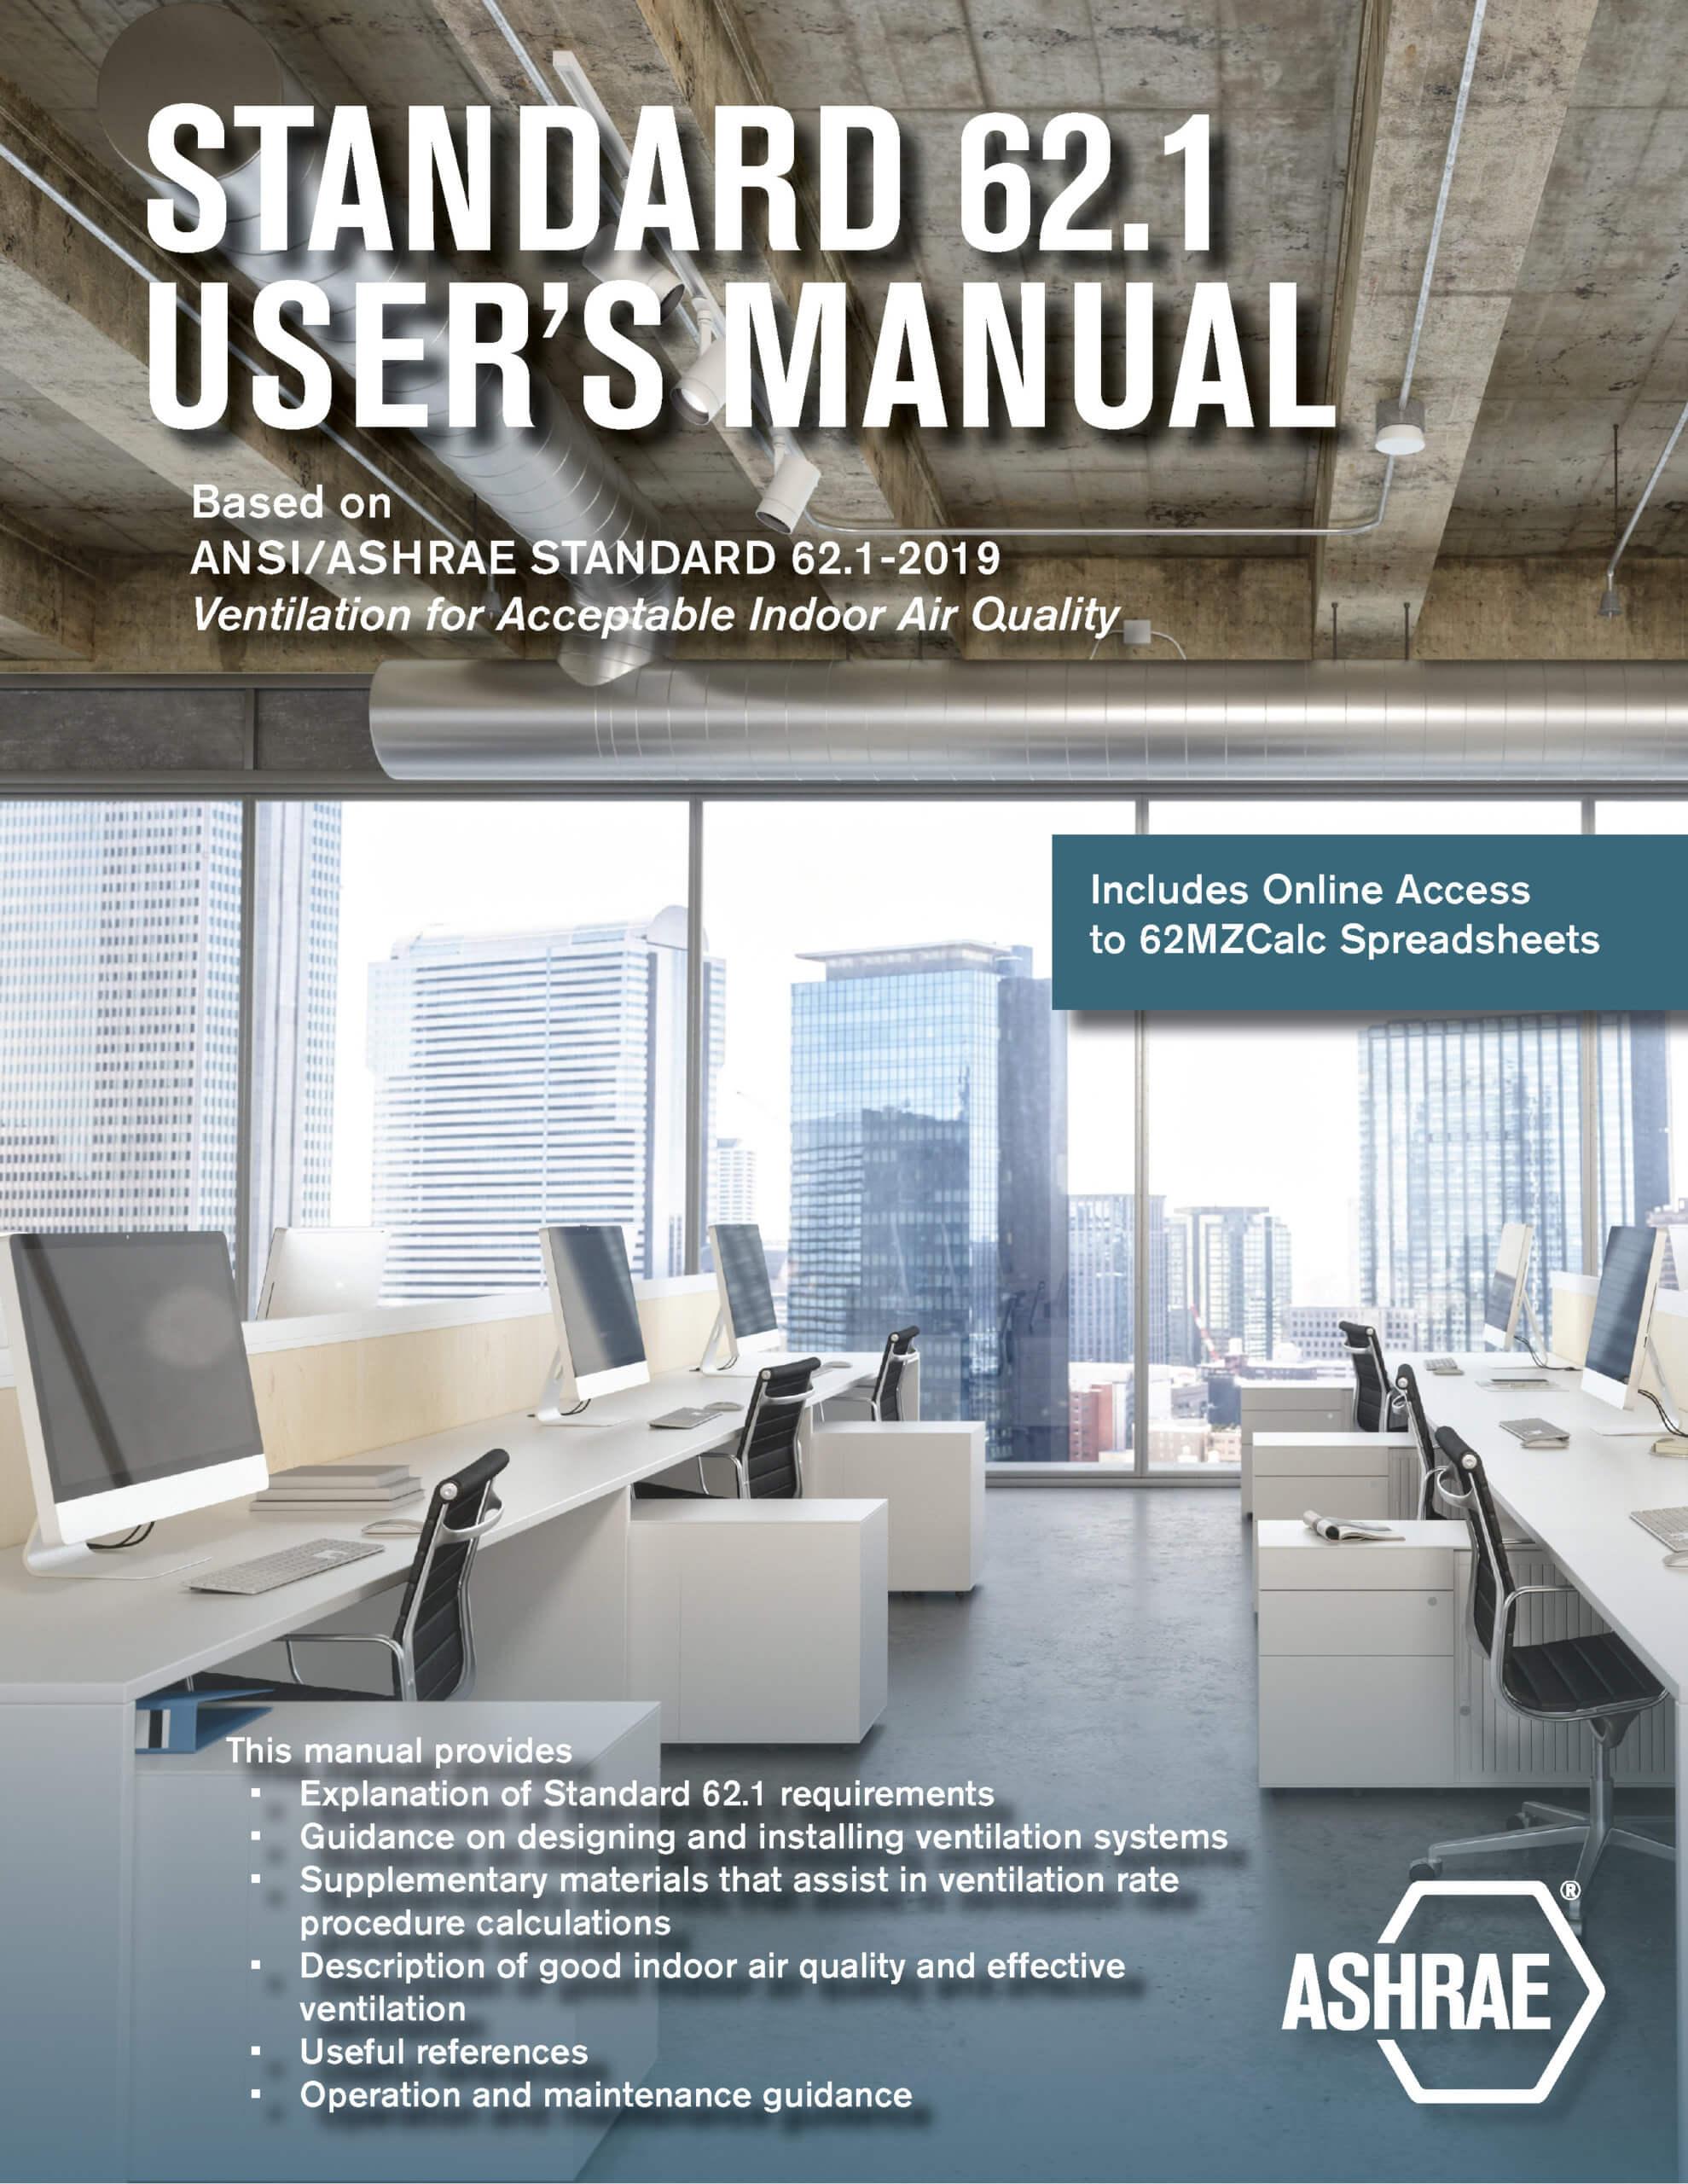 ASHRAE Standard 62.1 User Manual